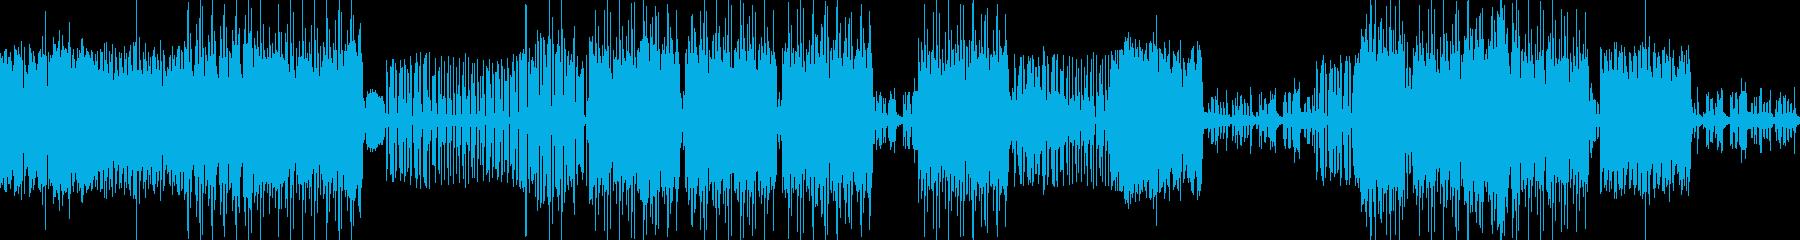 エキゾチックなアラビアンBGMの再生済みの波形